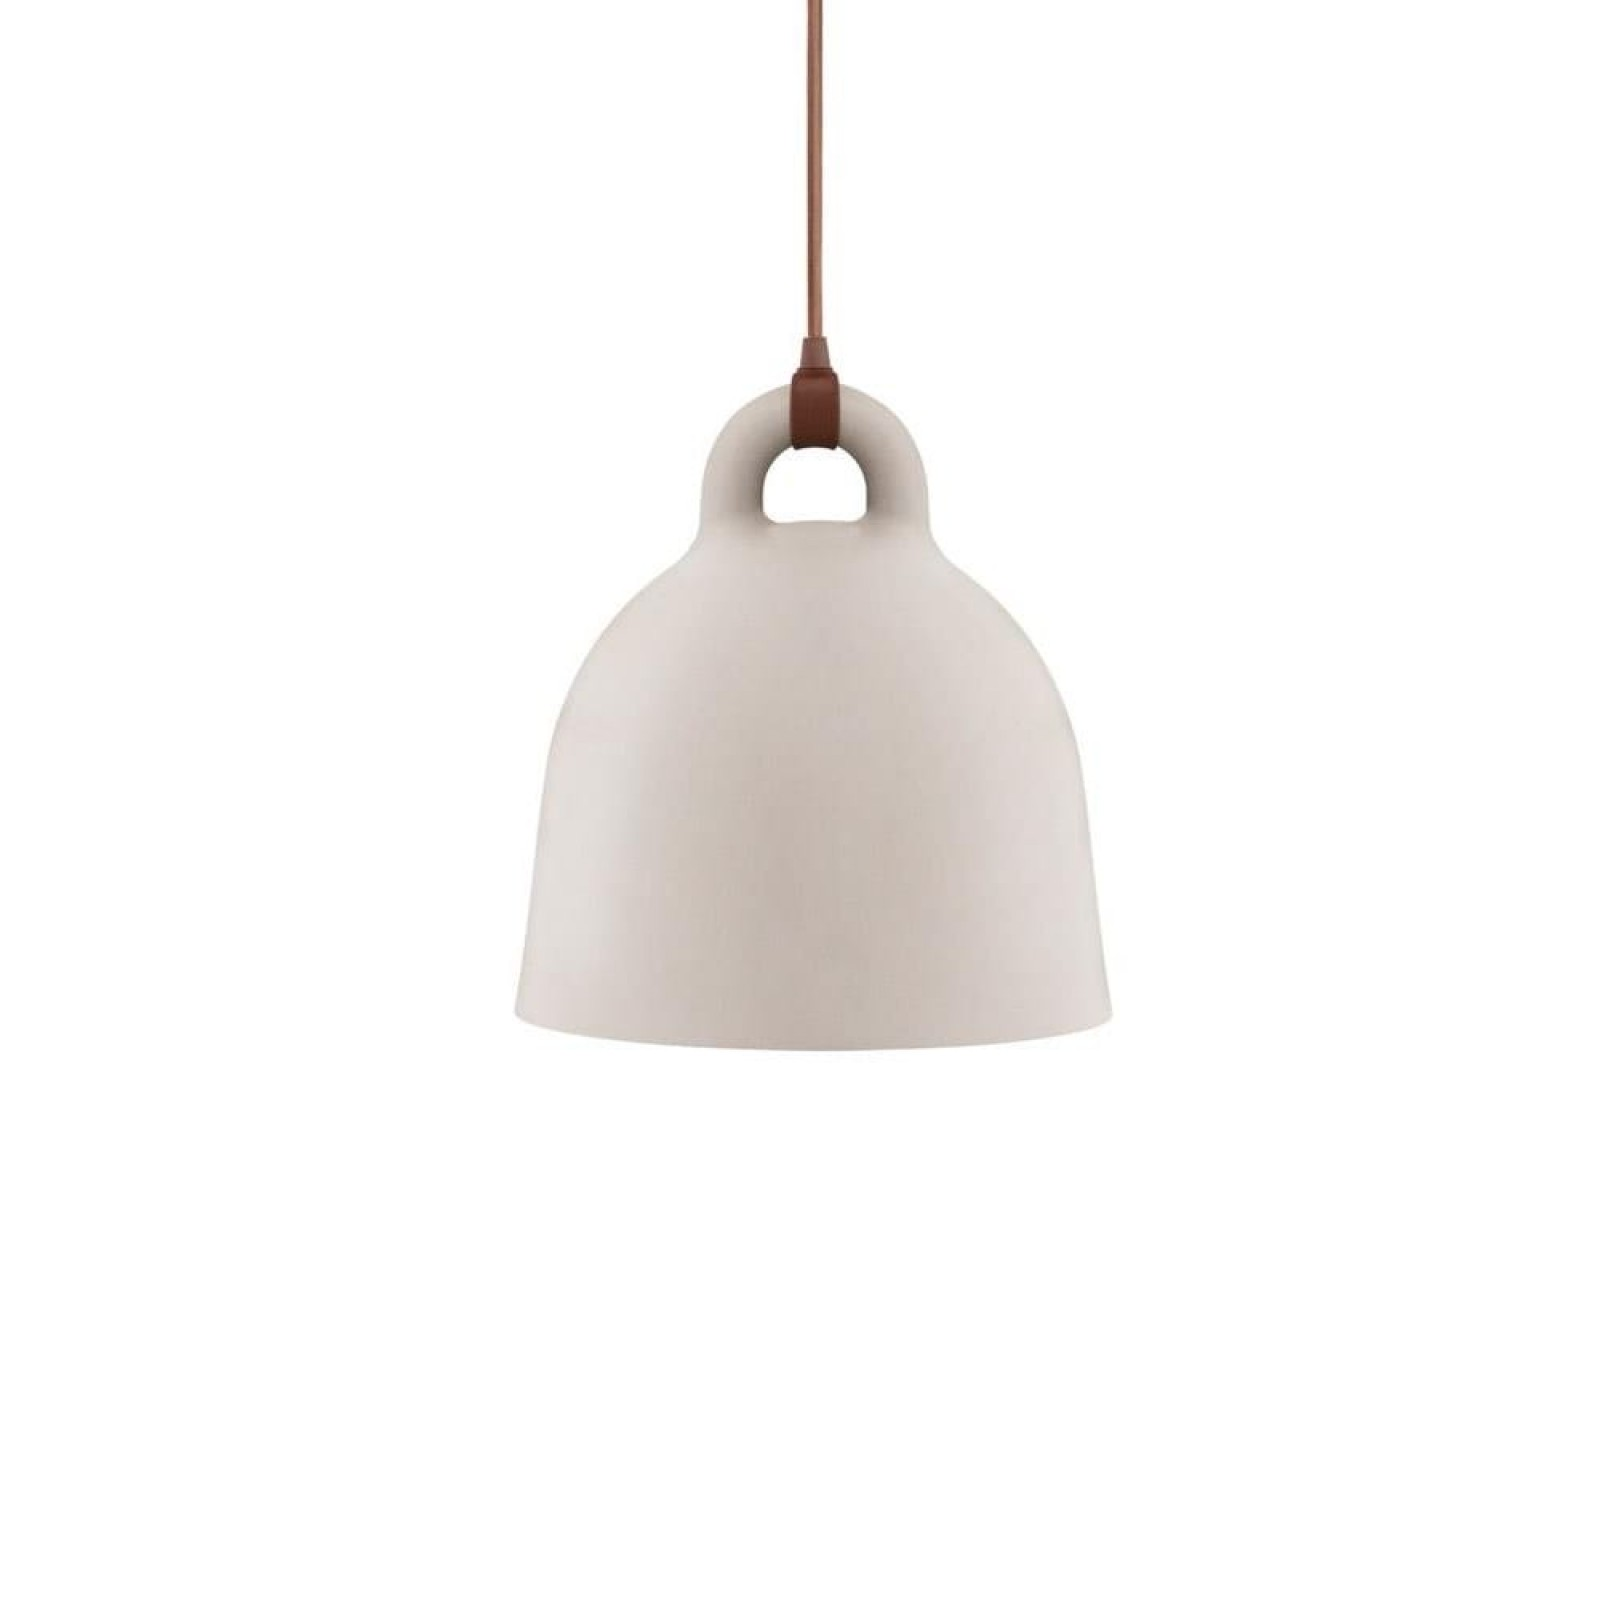 Φωτιστικό Οροφής Bell Small (Μπεζ) - Normann Copenhagen